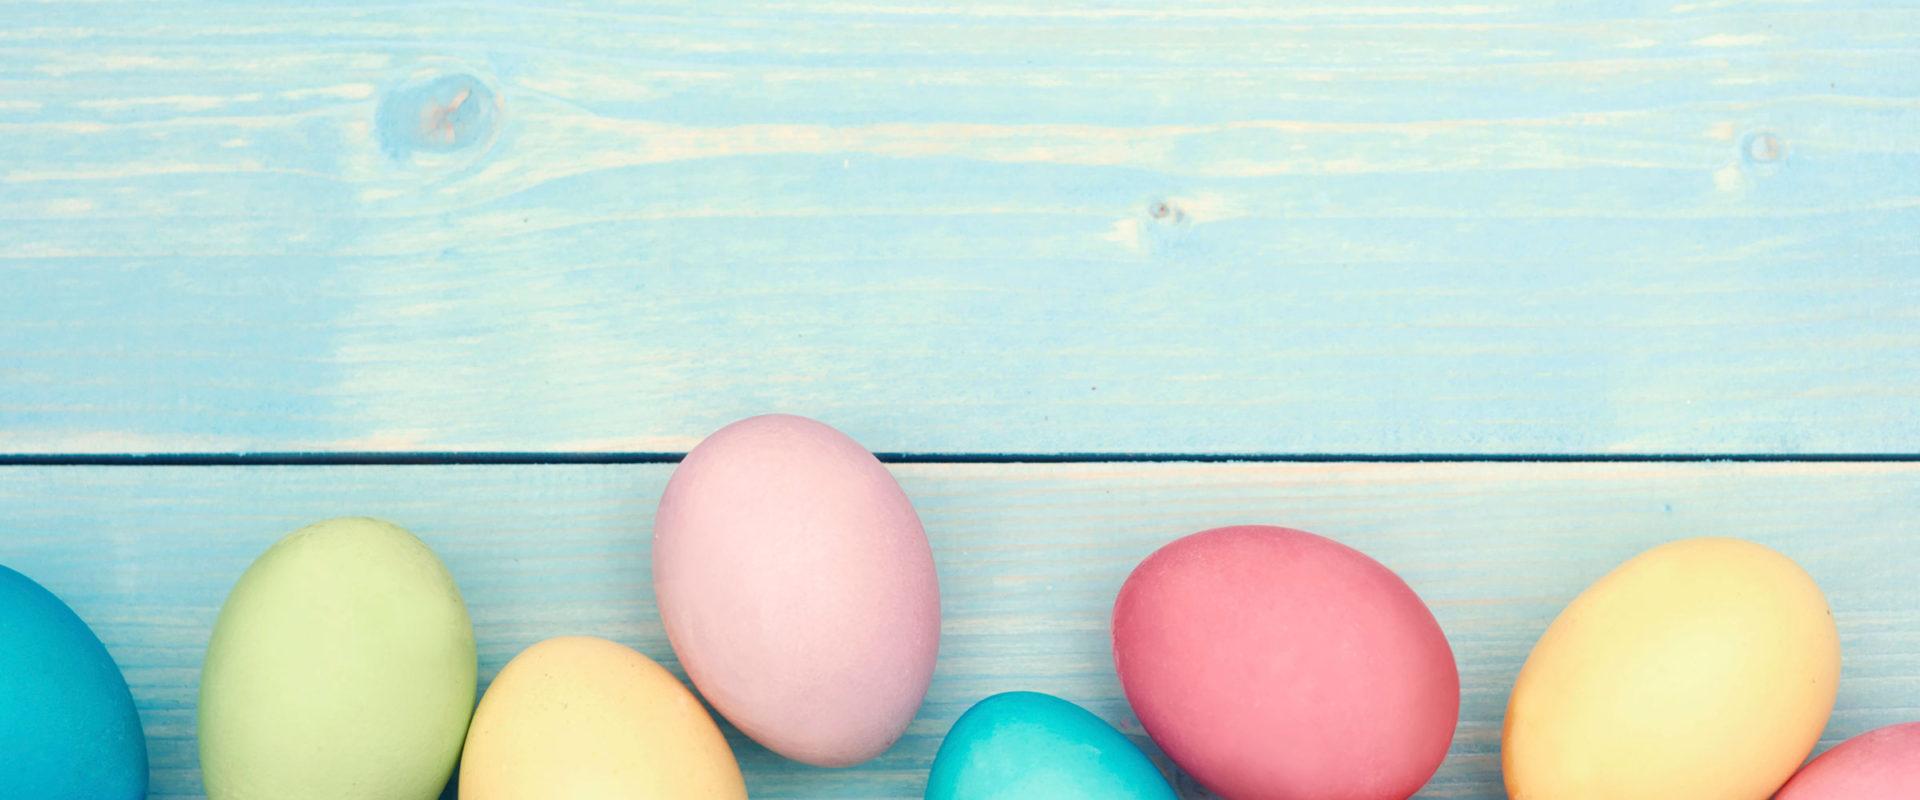 01-homemade-easter-egg-dye-eggs